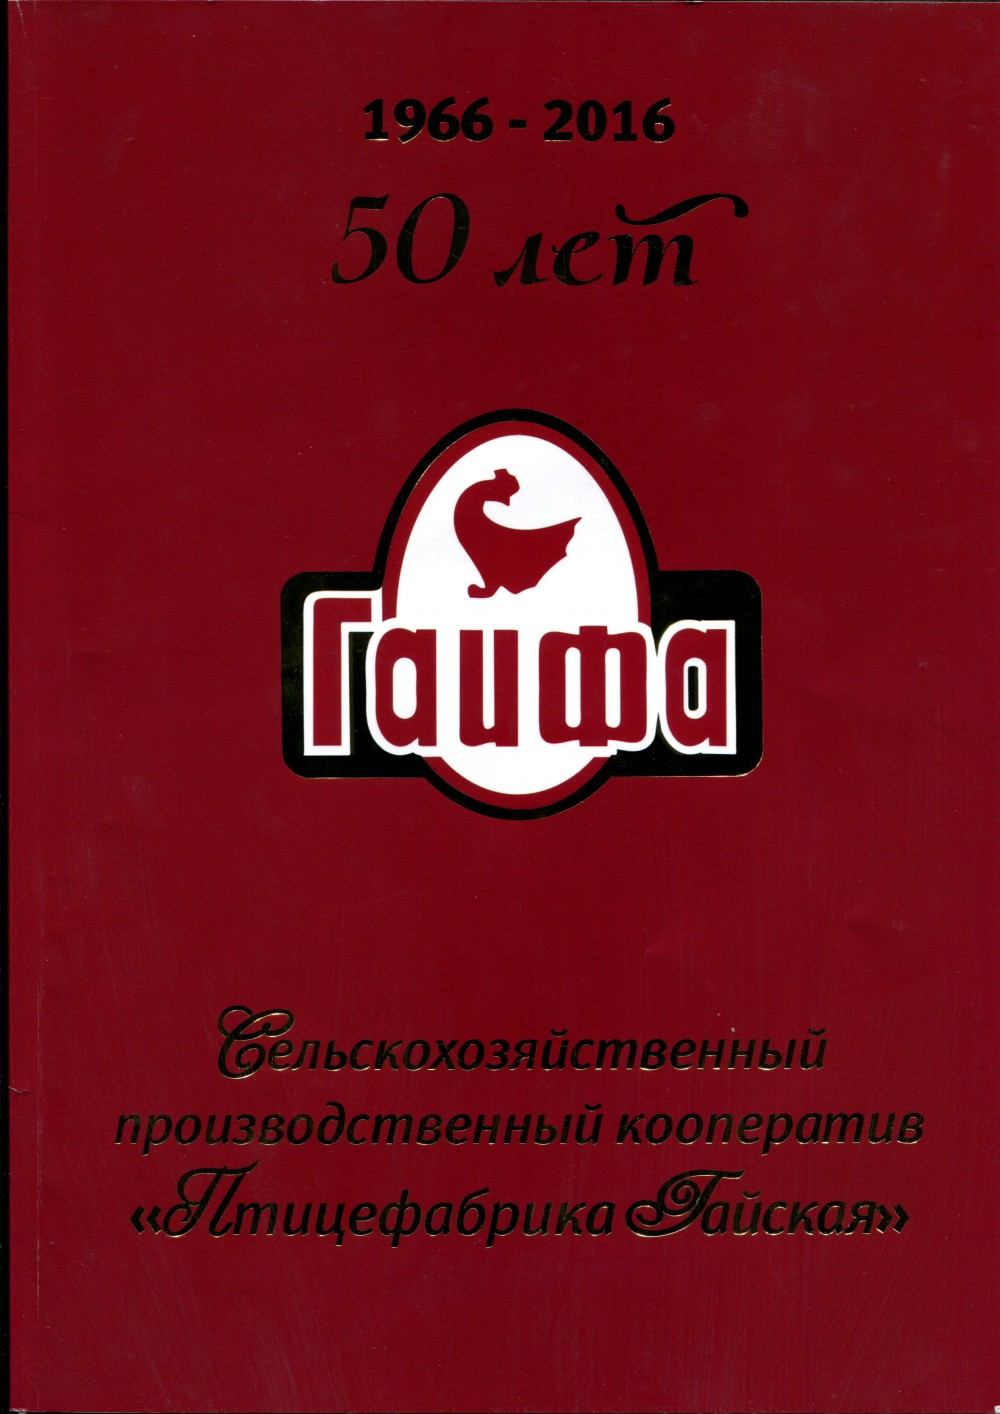 К юбилею Гайской птицефабрики выпустили книгу